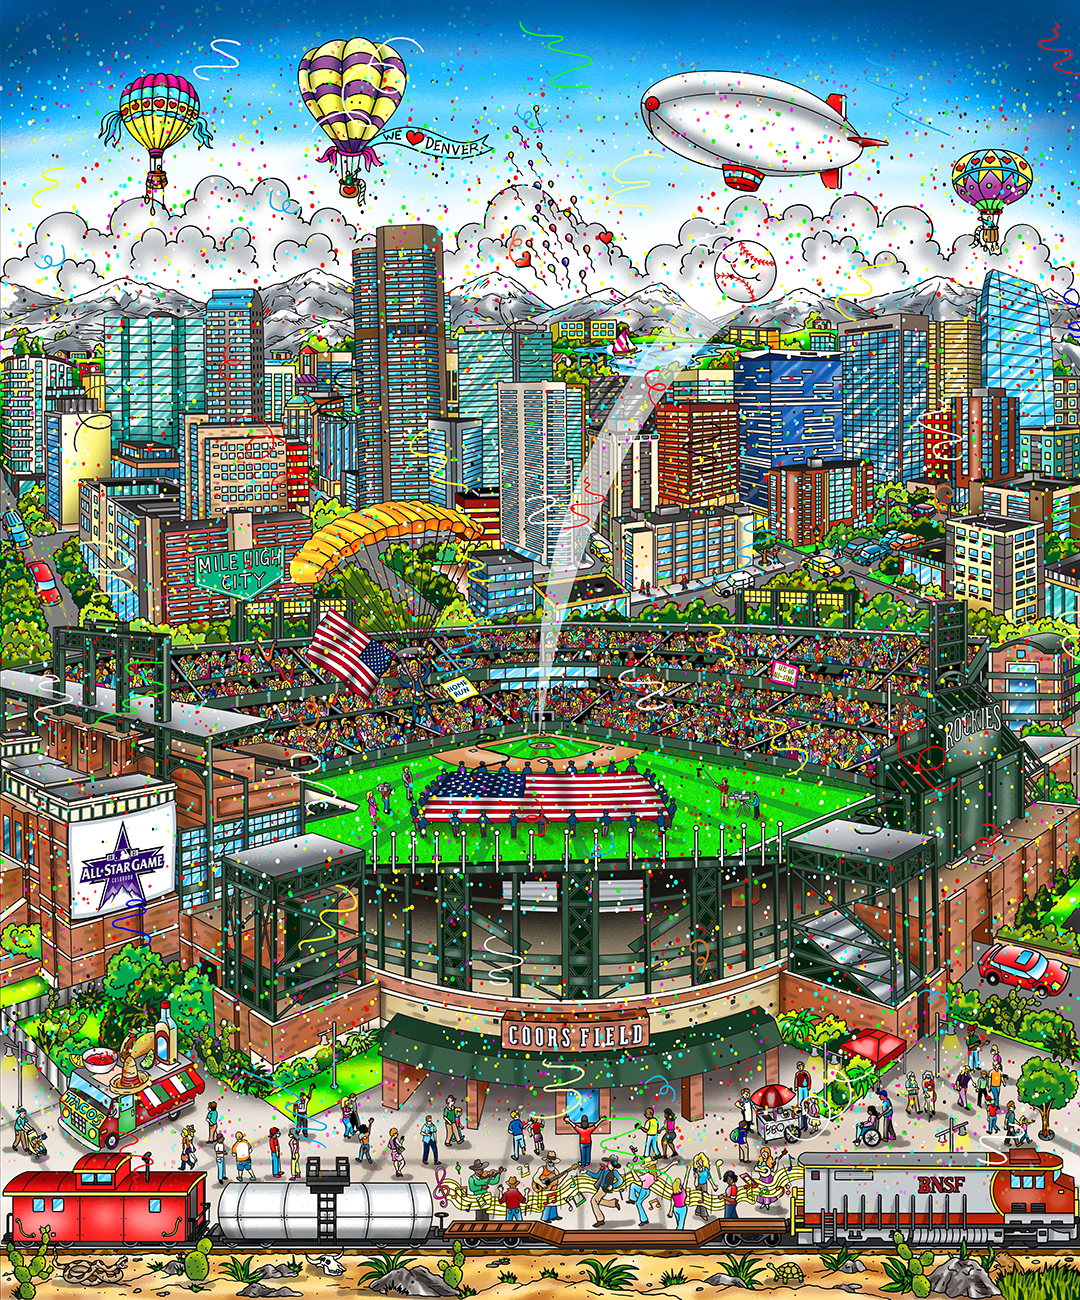 2021 MLB All-Star Game: Denver